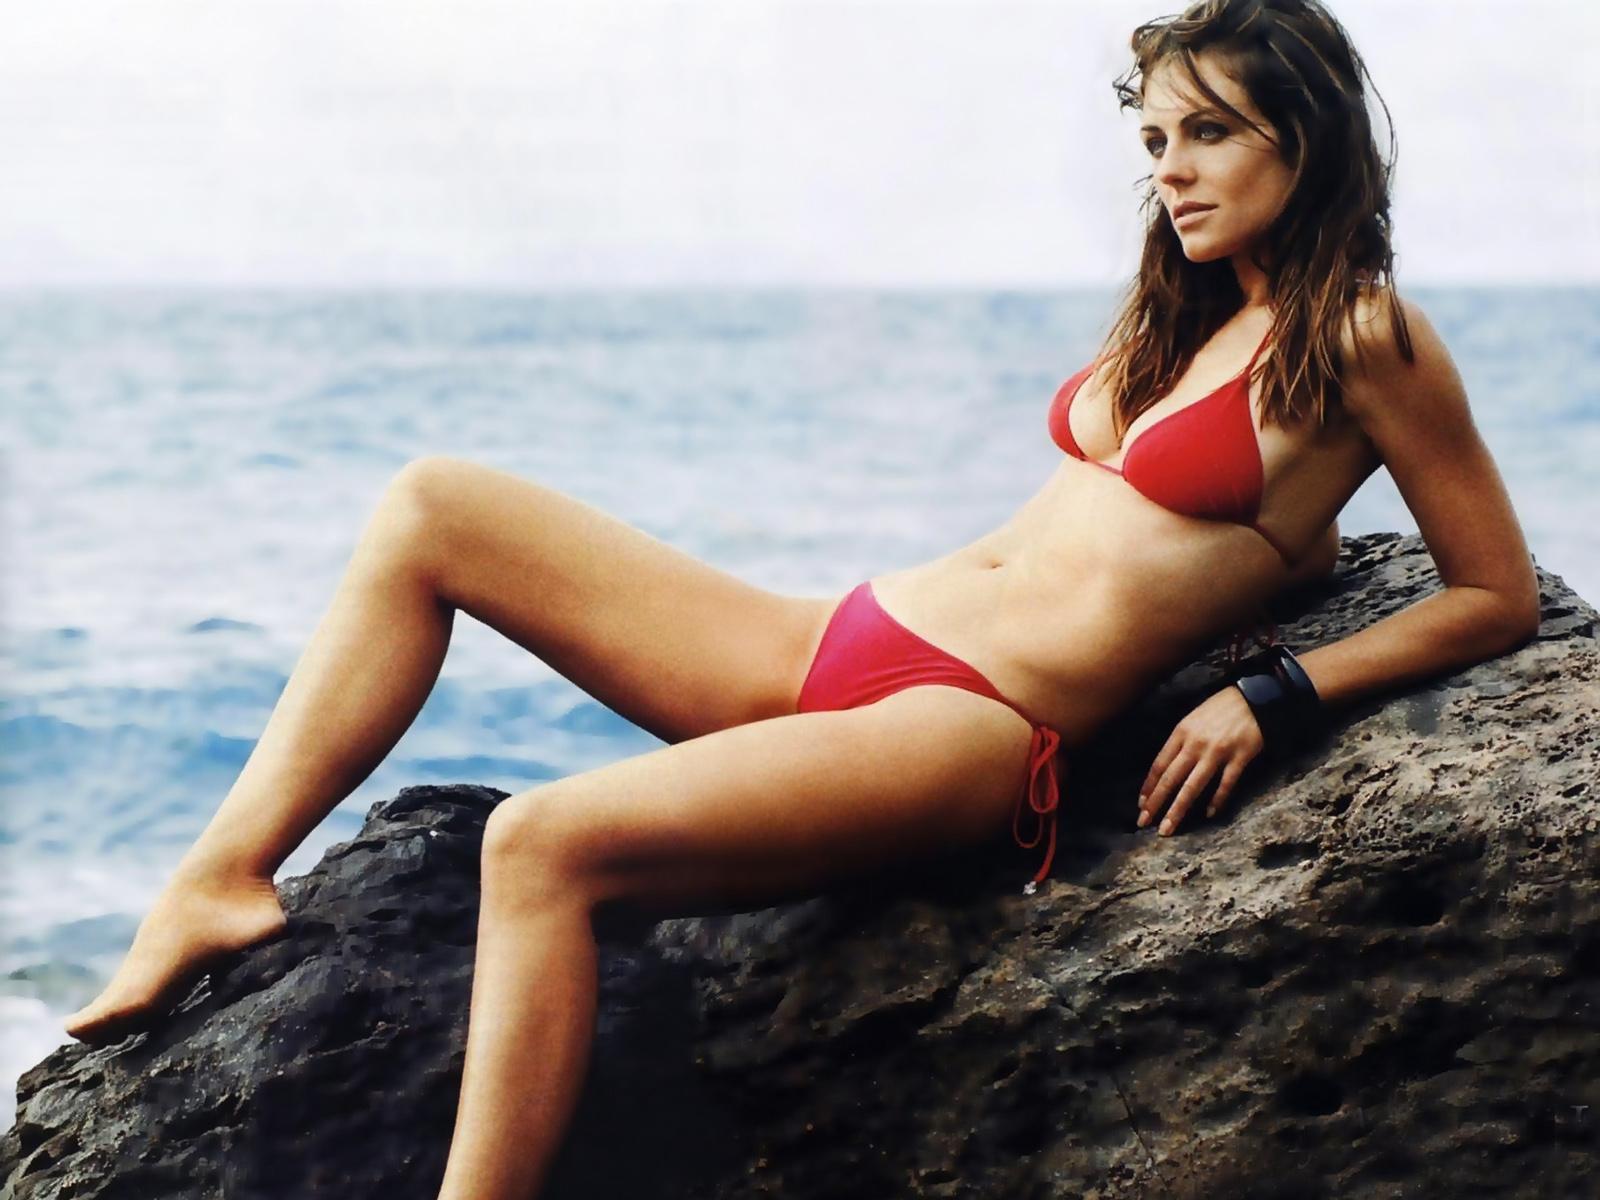 http://1.bp.blogspot.com/-GtrSwCsv1J4/Tftoj5-04hI/AAAAAAAABg0/XuN_O2_R22k/s1600/Elizabeth-Hurley-bikini-wallpaper.jpg